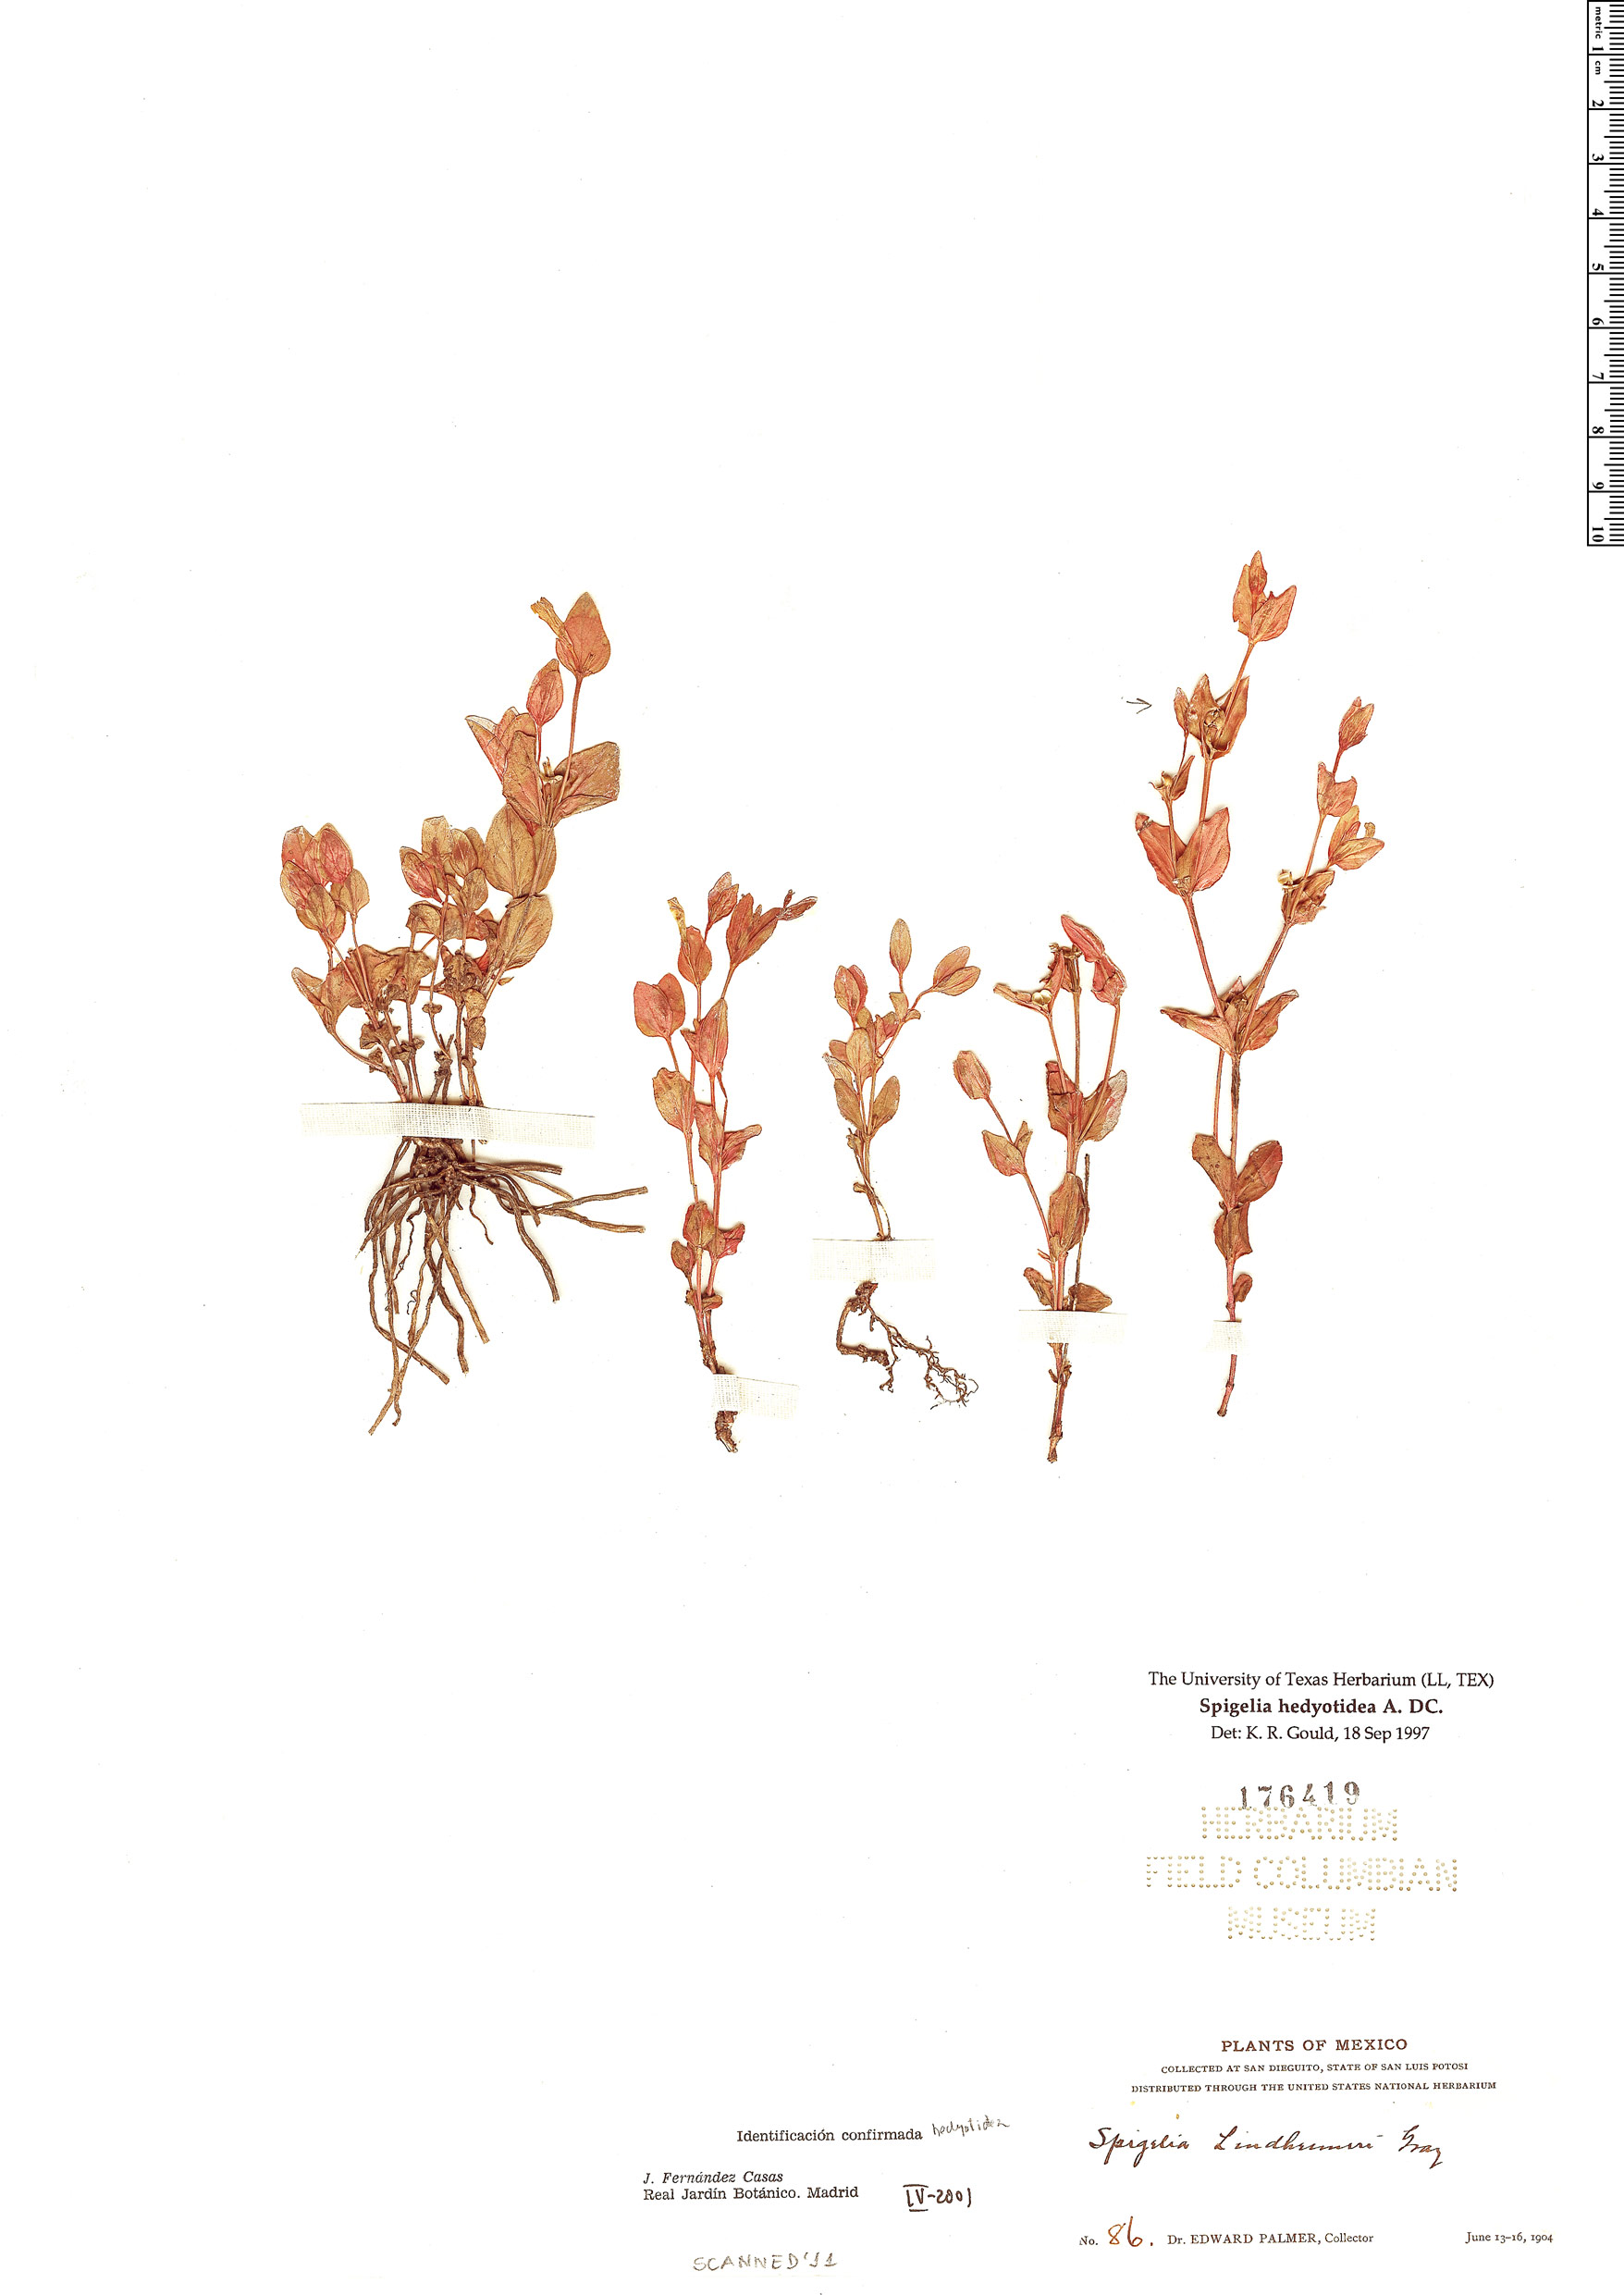 Specimen: Spigelia hedyotidea